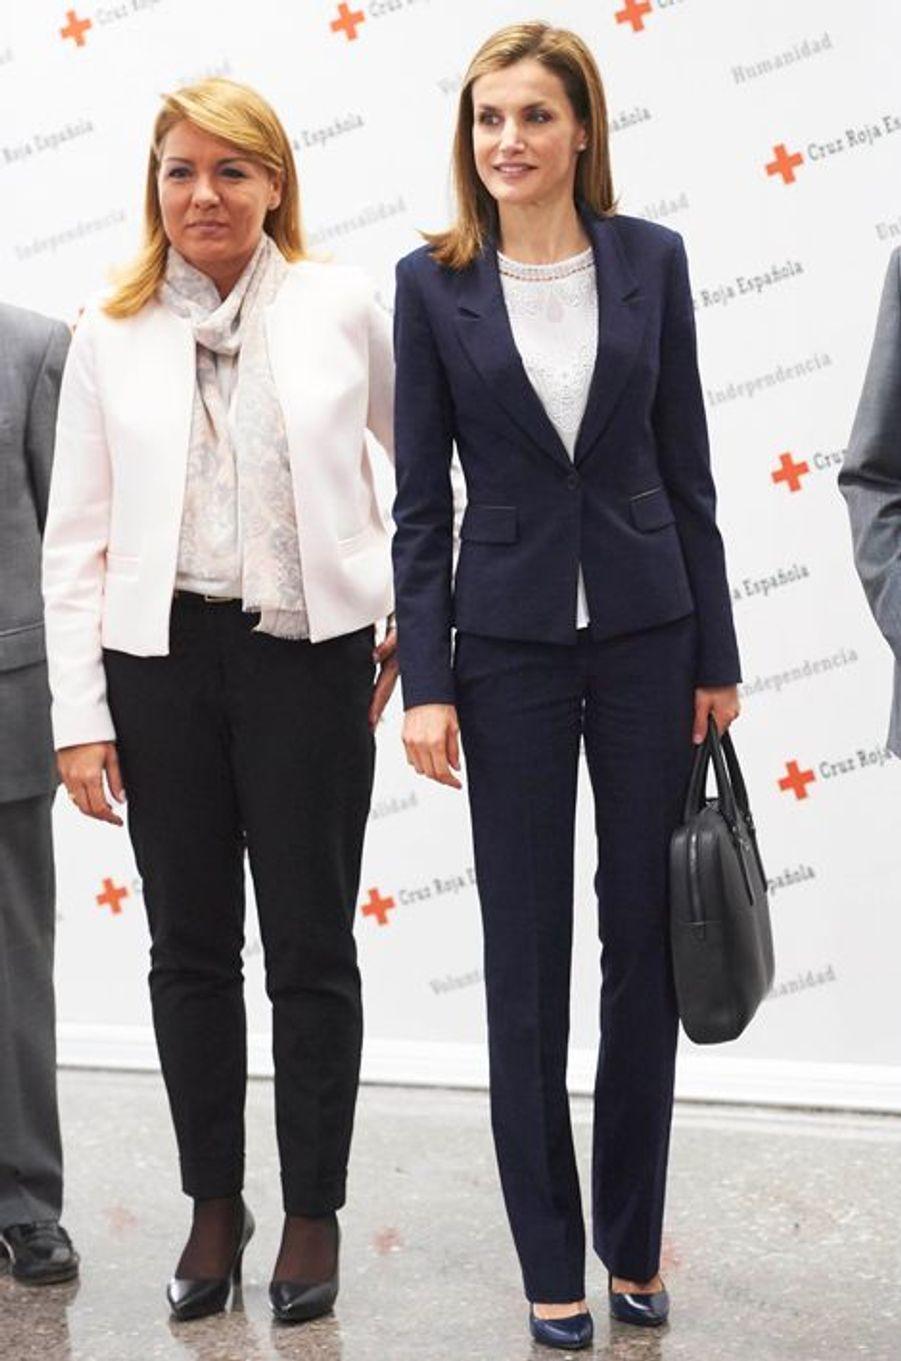 La reine Letizia d'Espagne, avec la secrétaire d'État Susana Camarero à Madrid, le 7 avril 2015